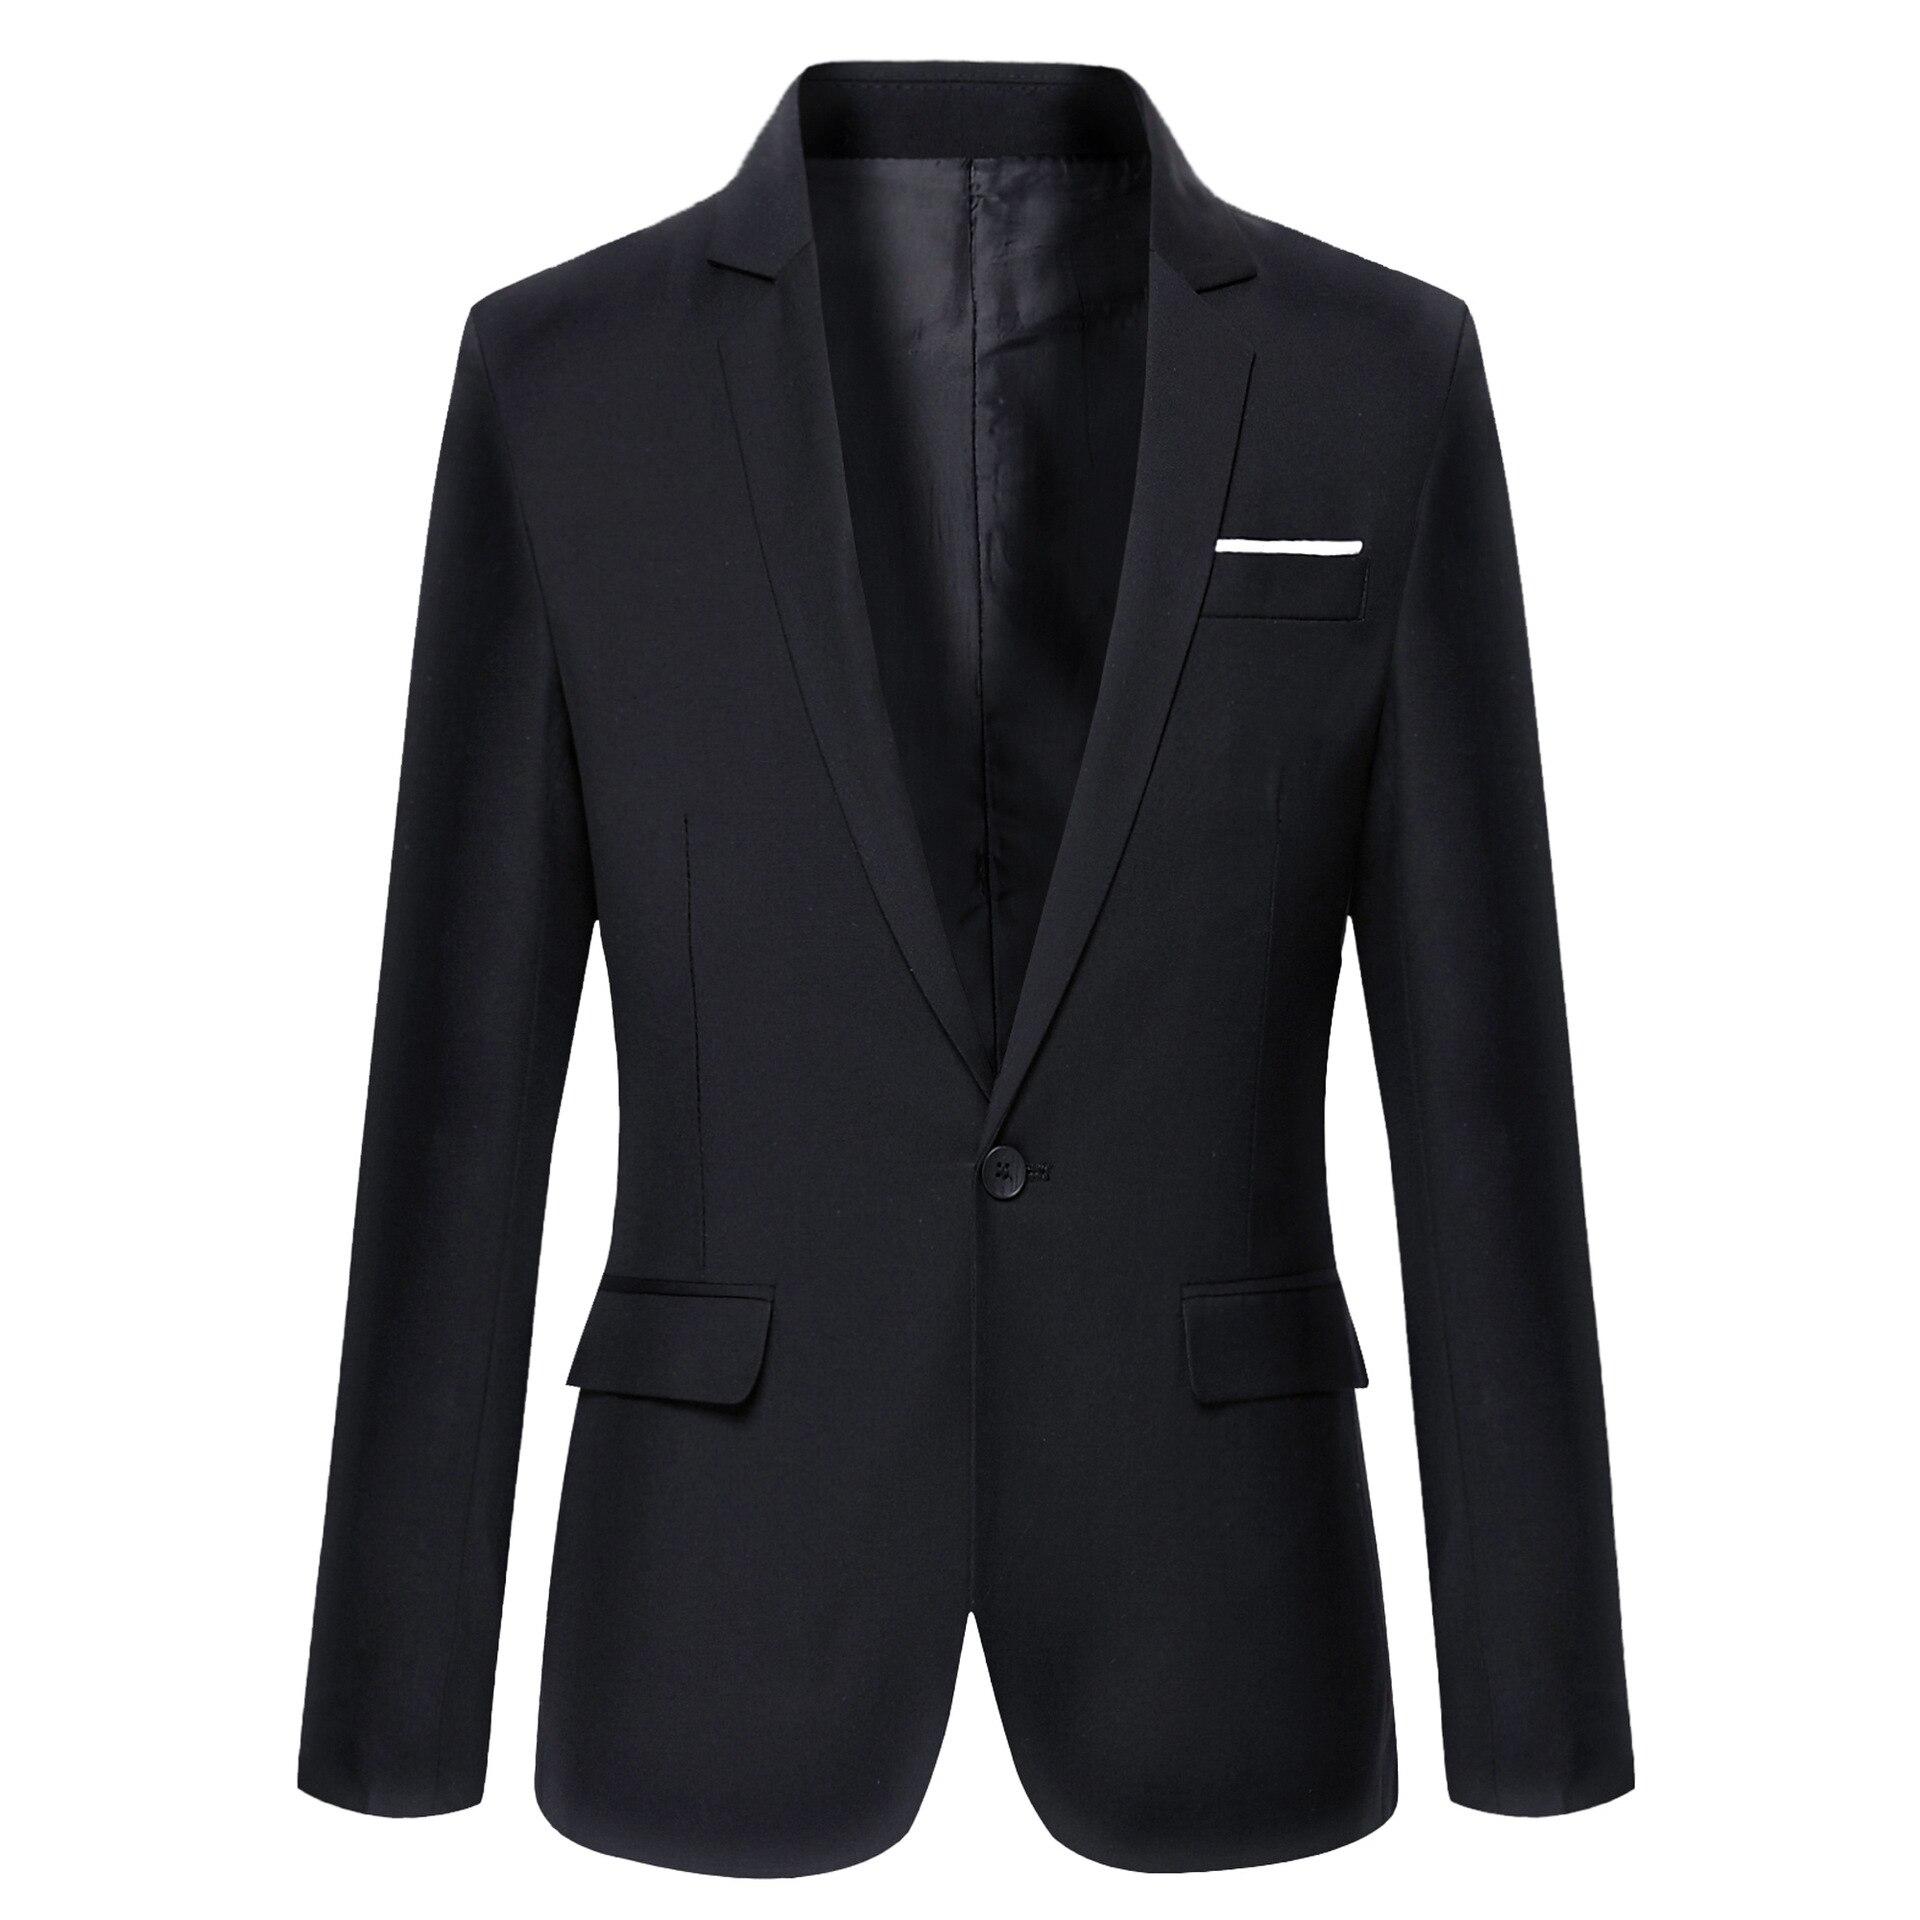 2019 Brand Clothing Autumn Suit Blazer Men Fashion Slim Fit Male Suits Casual Solid Color Masculine Blazer Size M-4XL